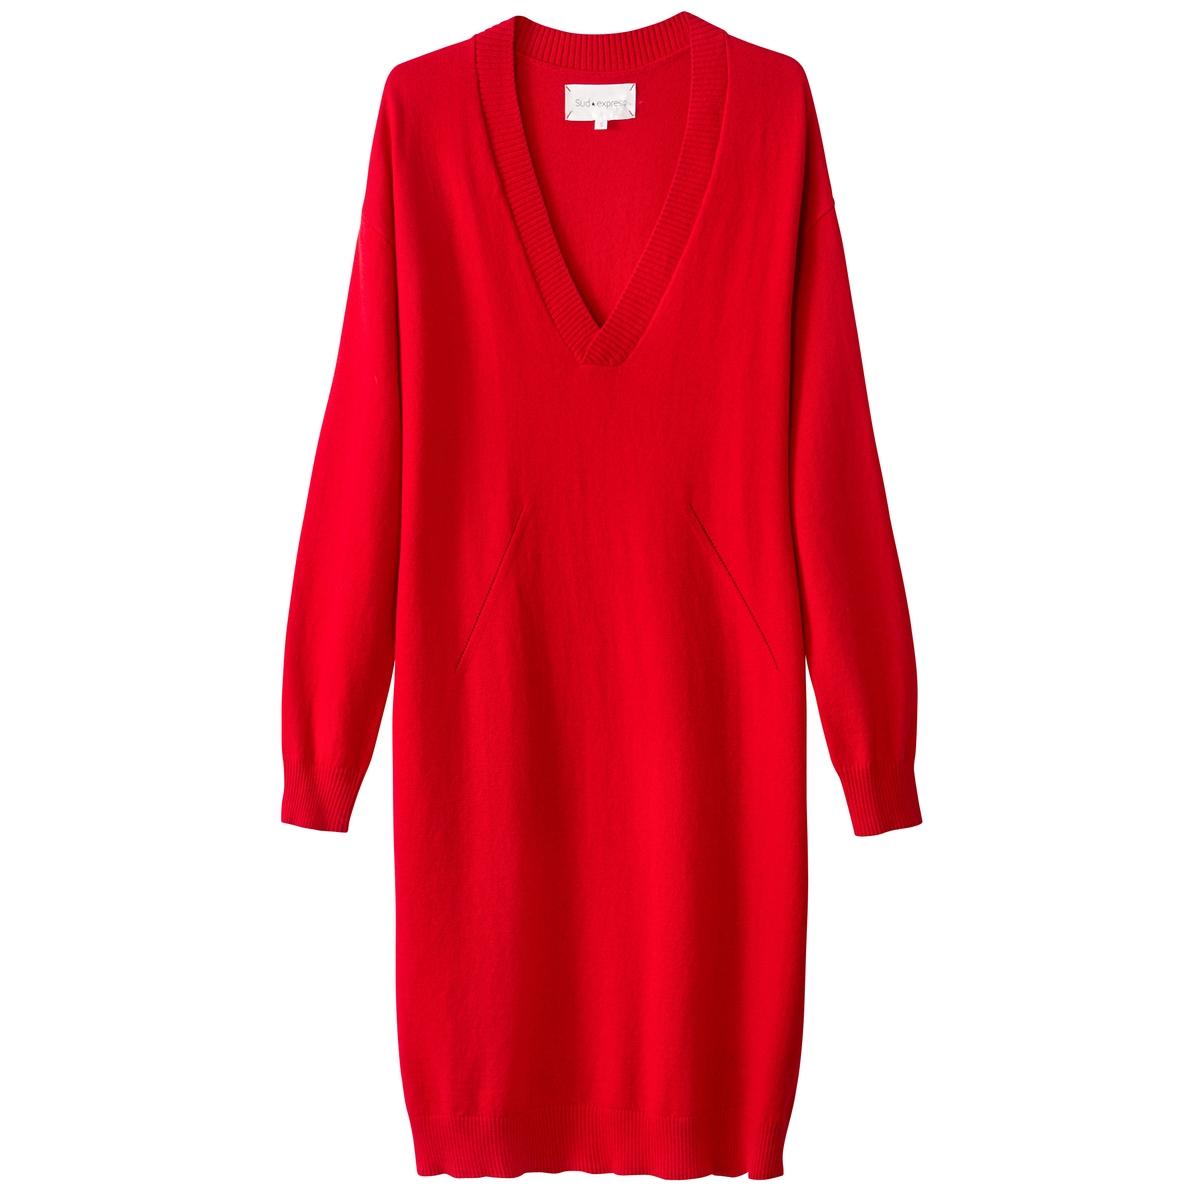 Платье-миди, длина 3/4, длинные рукаваОписание •  Форма : прямая  •  Длина миди, 3/4  •  Длинные рукава     •   V-образный вырезСостав и уход •  20% шерсти, 80% хлопка •  Следуйте рекомендациям по уходу, указанным на этикетке изделия<br><br>Цвет: красный,черный